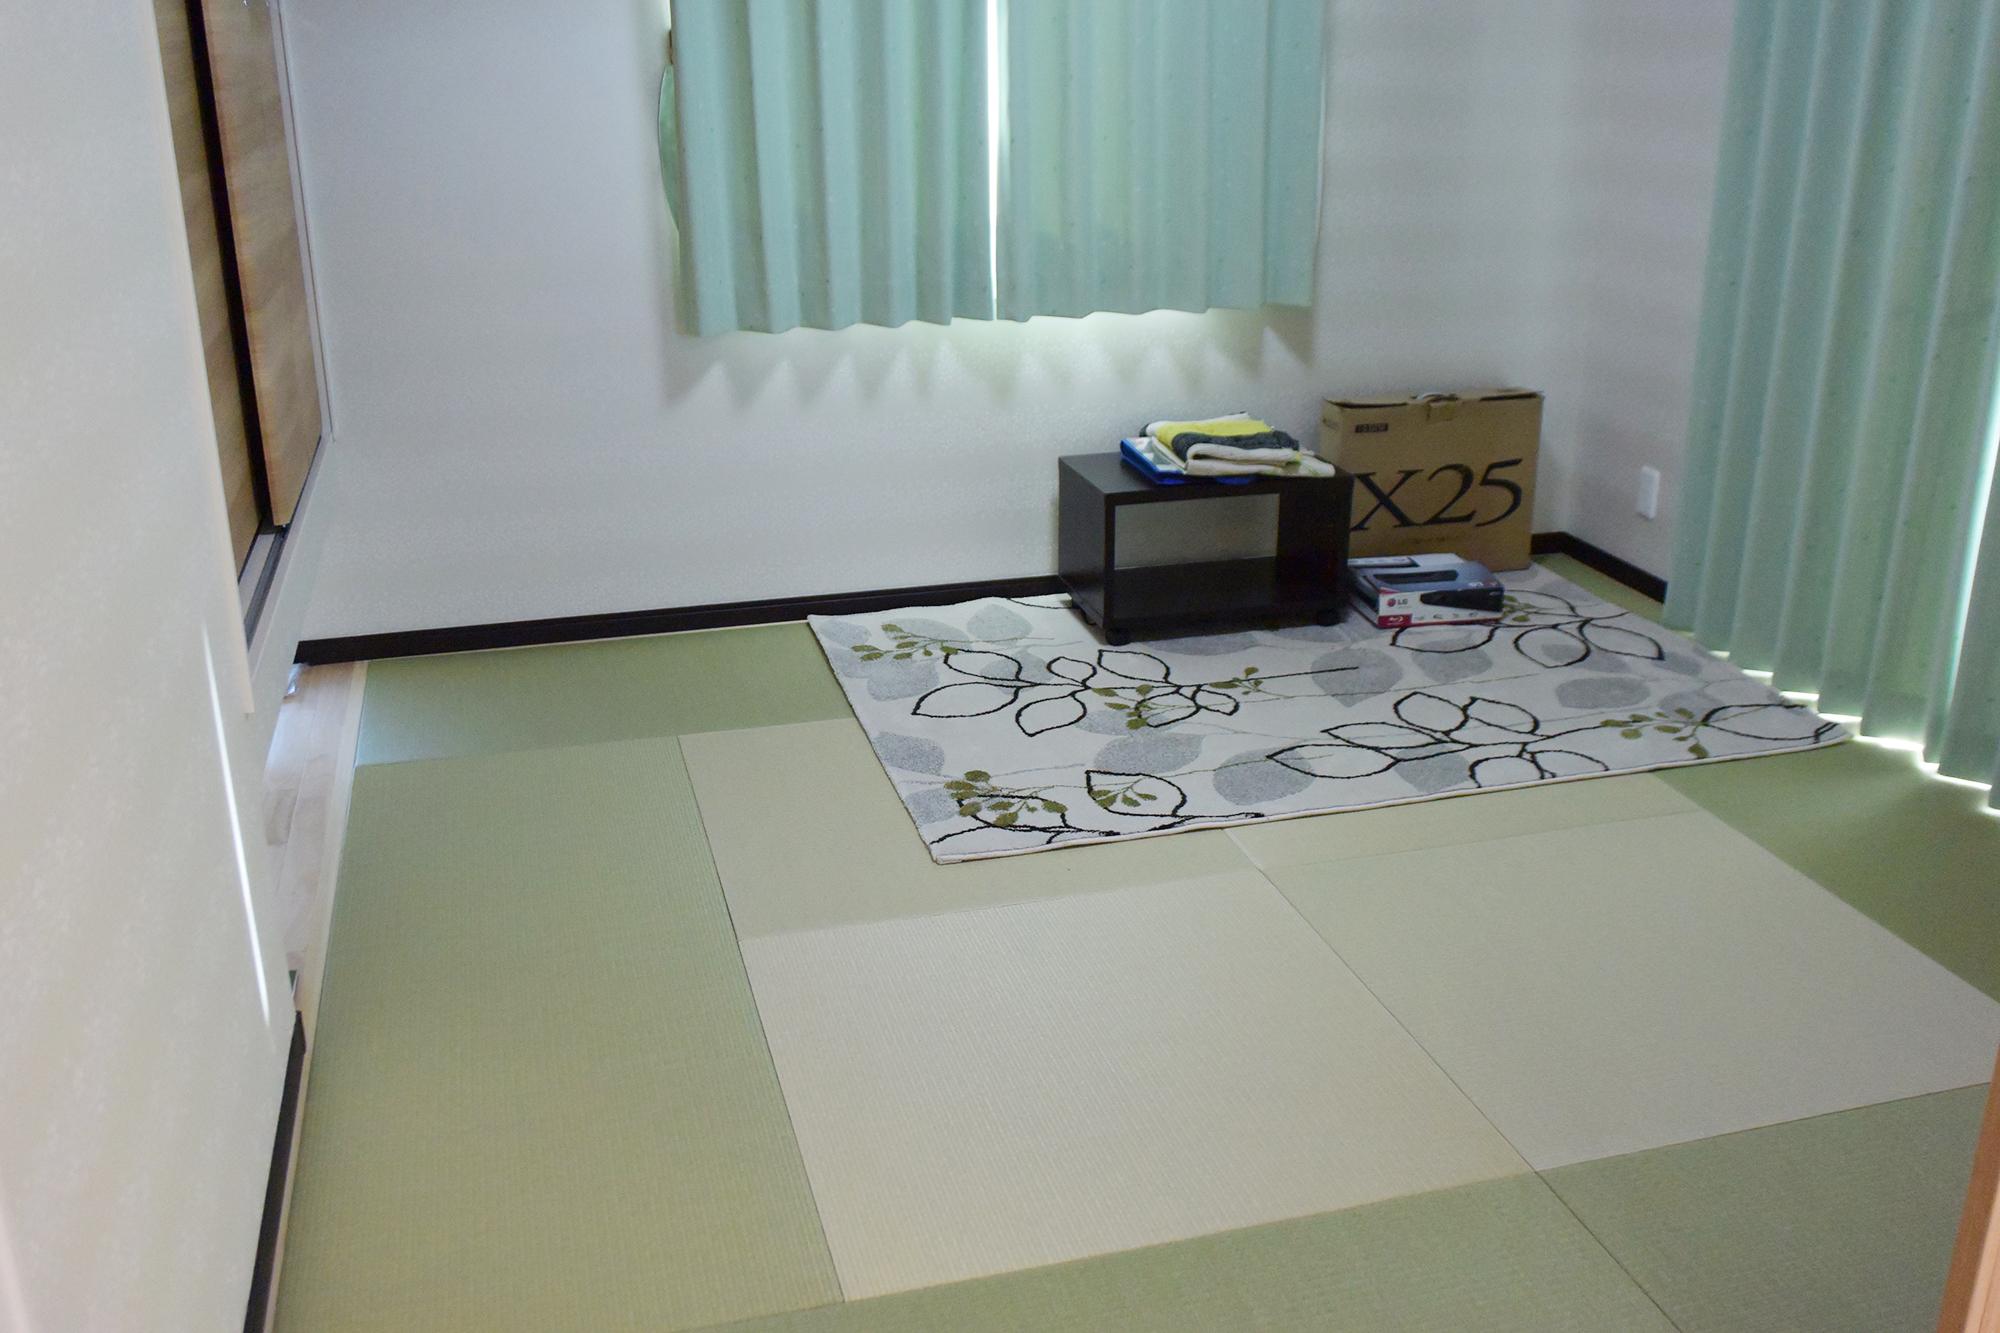 1Fリビングに接して琉球畳のおしゃれな和室。明るくてとても素敵な和室です。